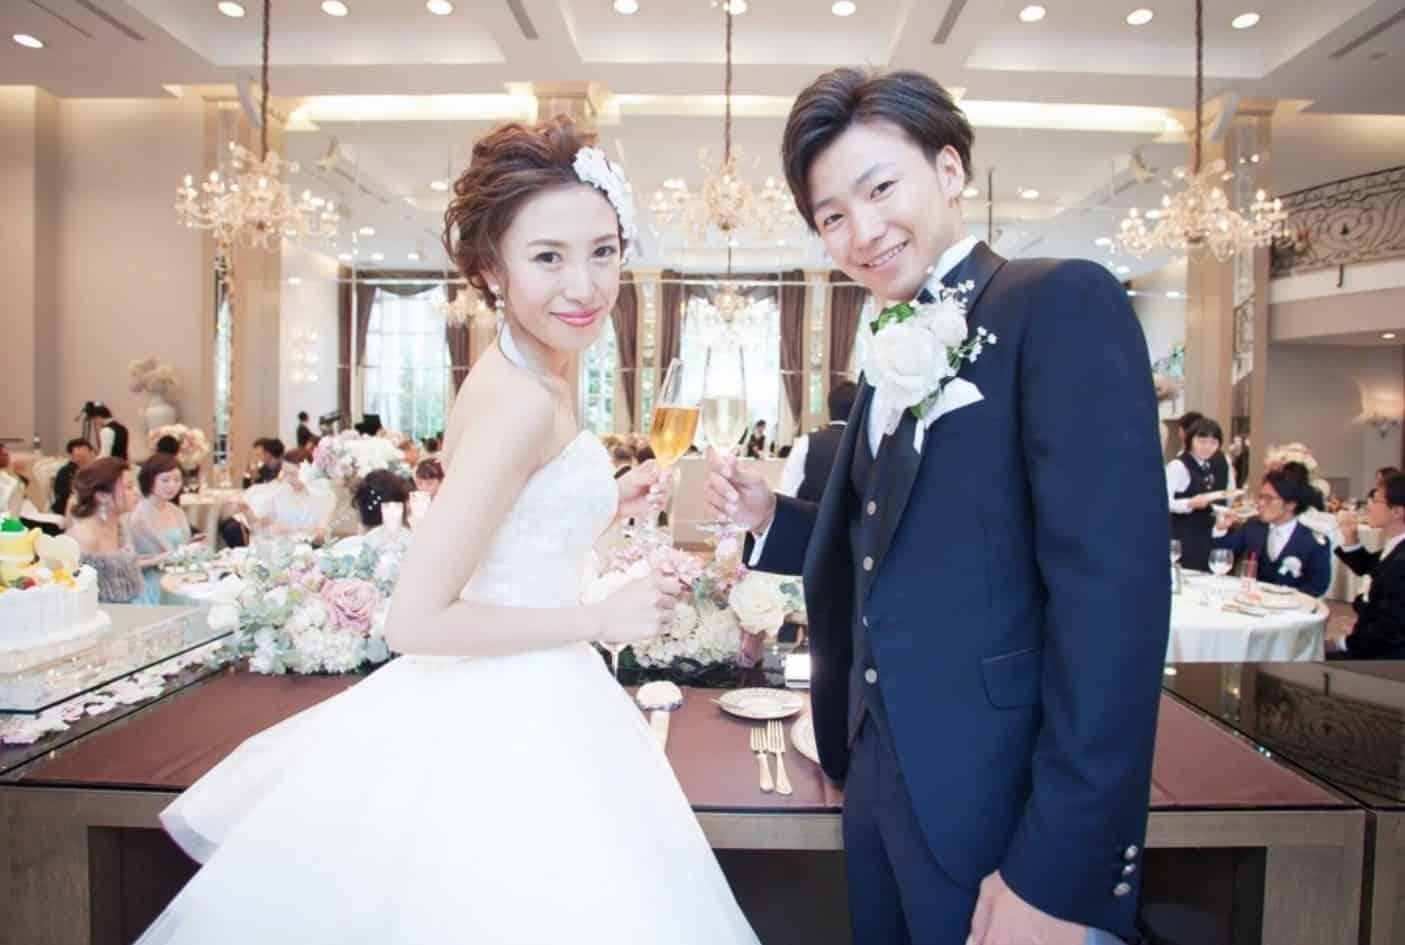 《BAYSIDE GEIHINKAN VERANDAなど》人気のマイレポ花嫁さん特集♡のカバー写真 0.6725978647686833